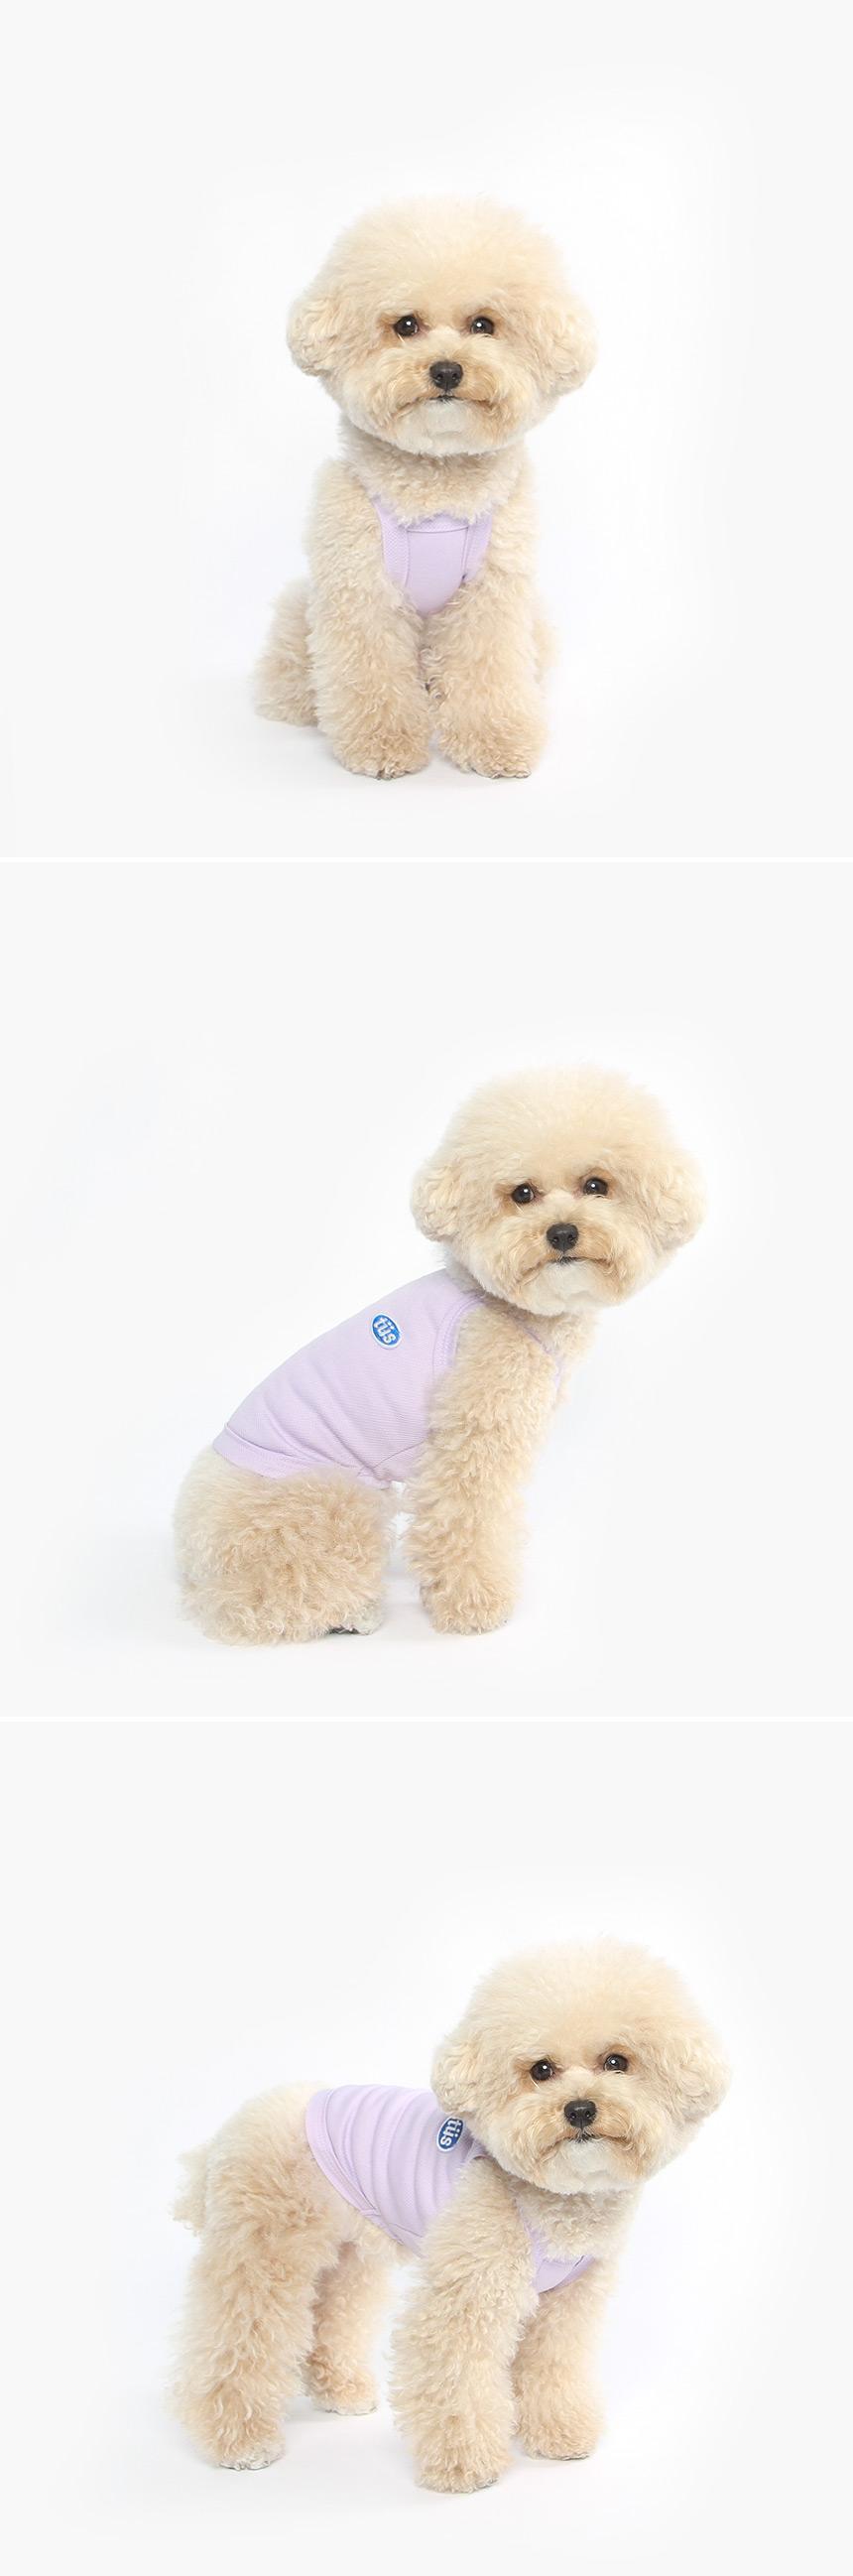 강아지 쿨티셔츠 (보라) - 투스투스, 14,850원, 의류/액세서리, 의류